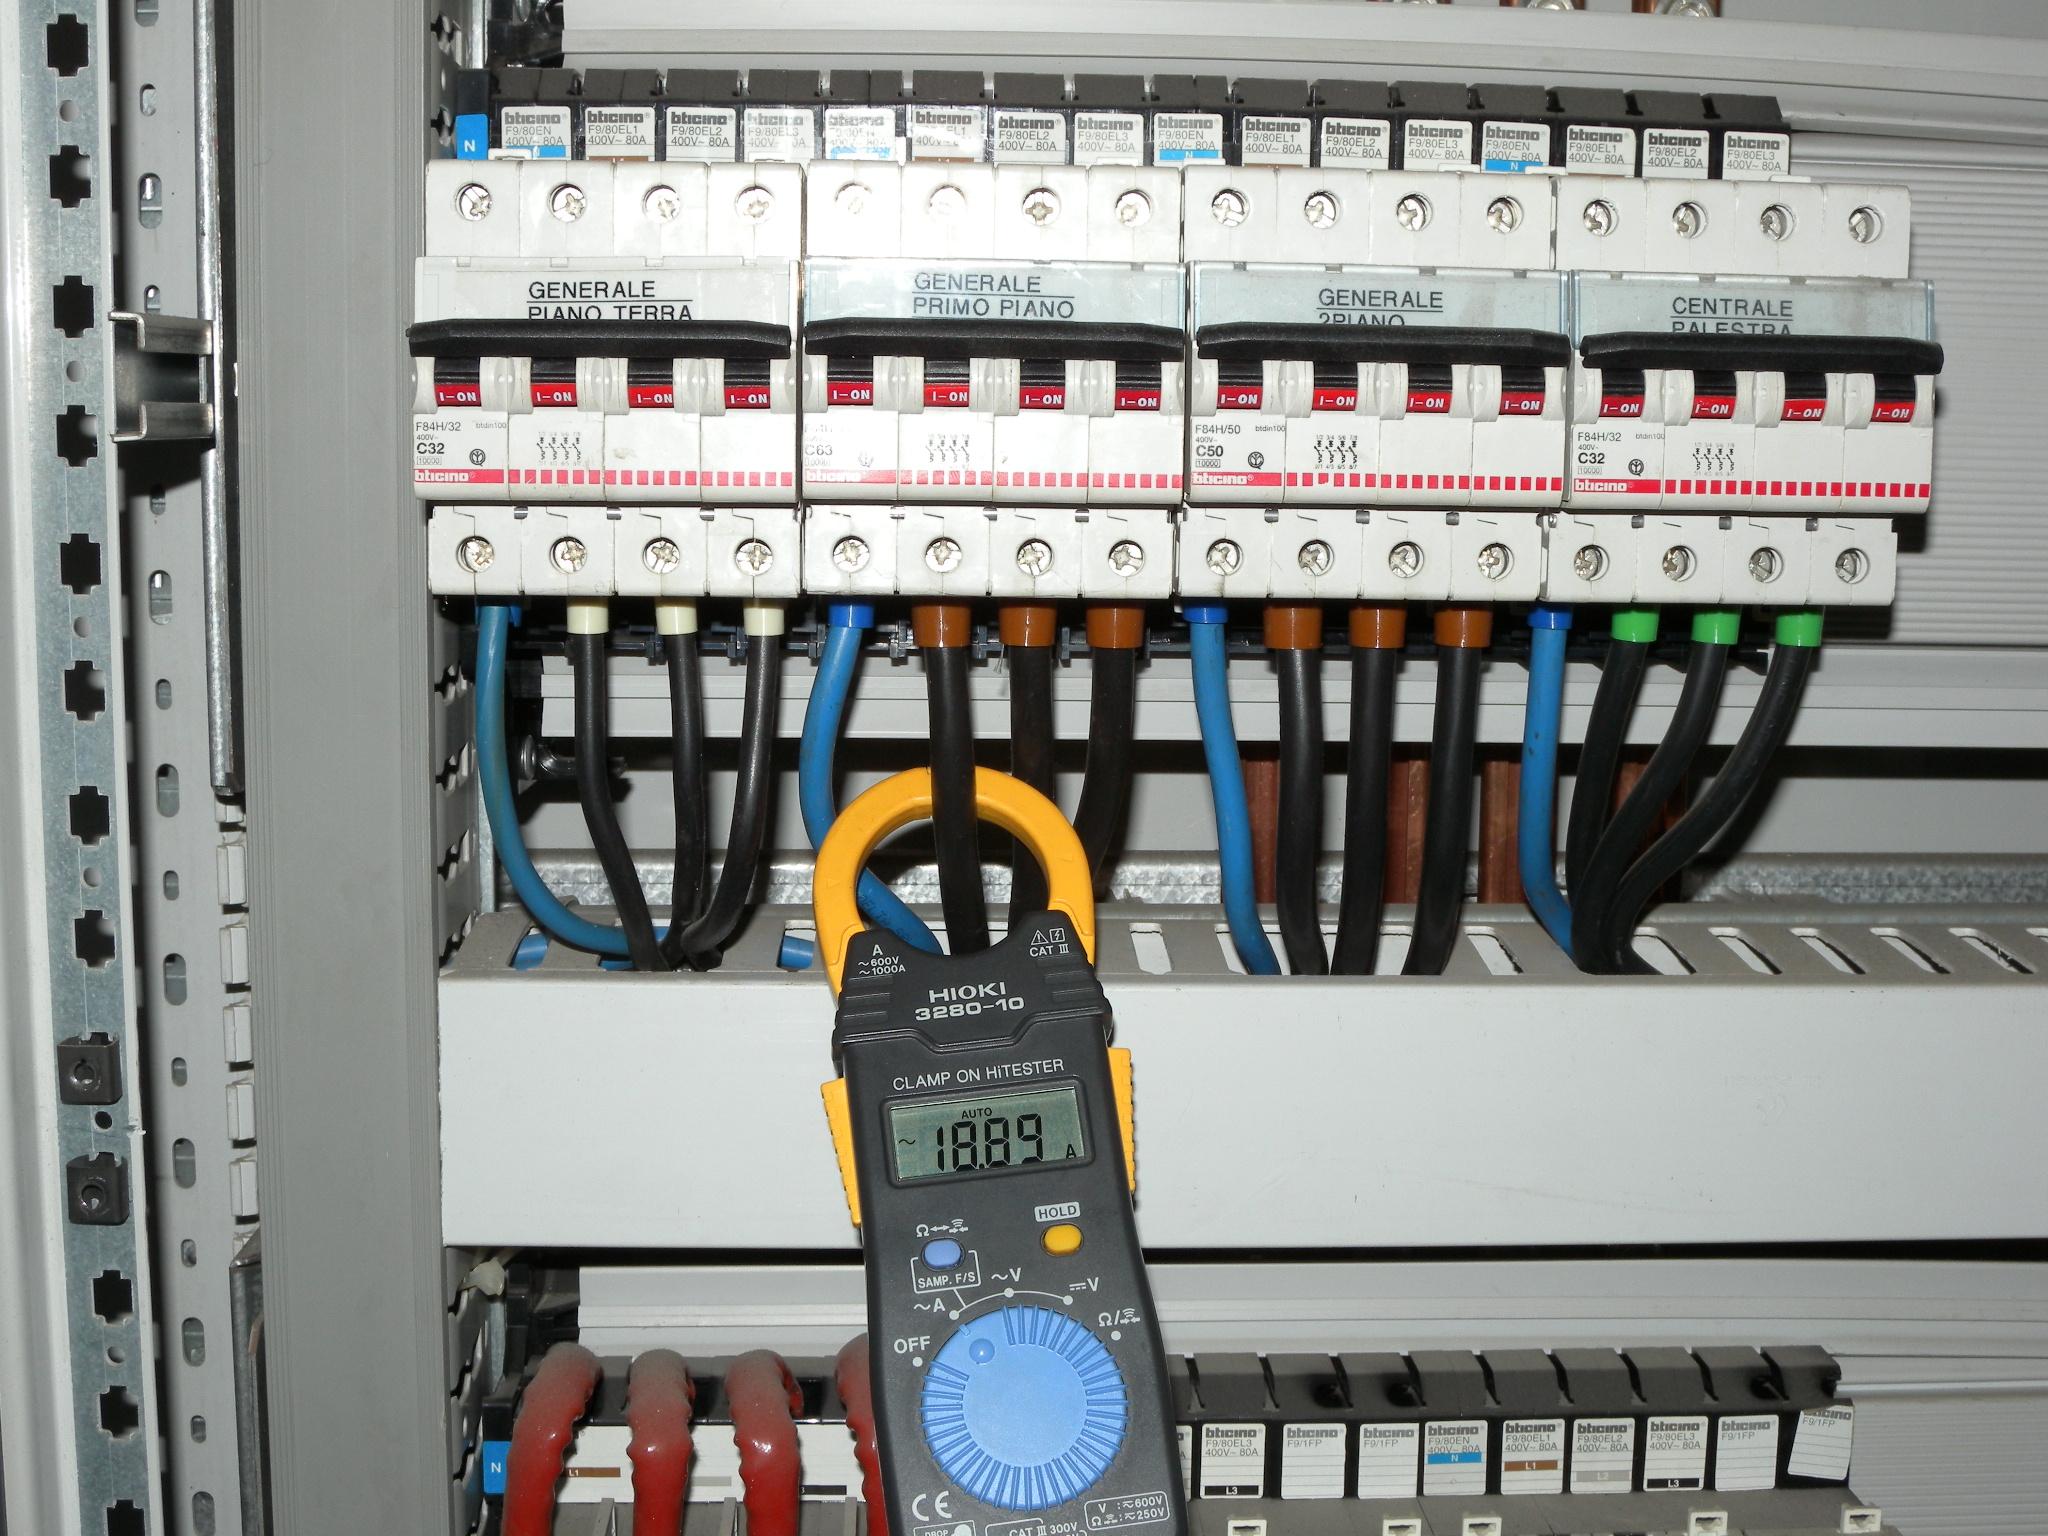 Schema Cablaggio Quadro Elettrico Trifase : Quadro elettrico istituto scolastico catania